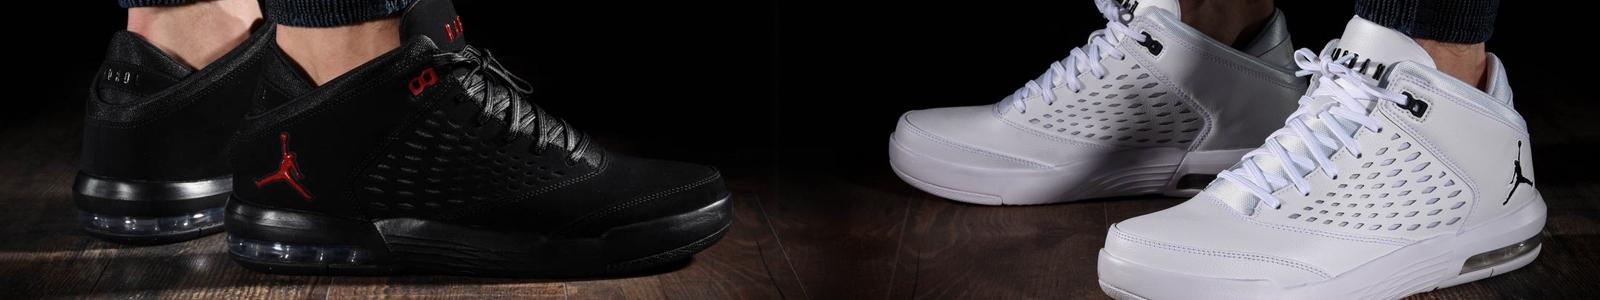 Nike Air Jordan Flight Origin 4